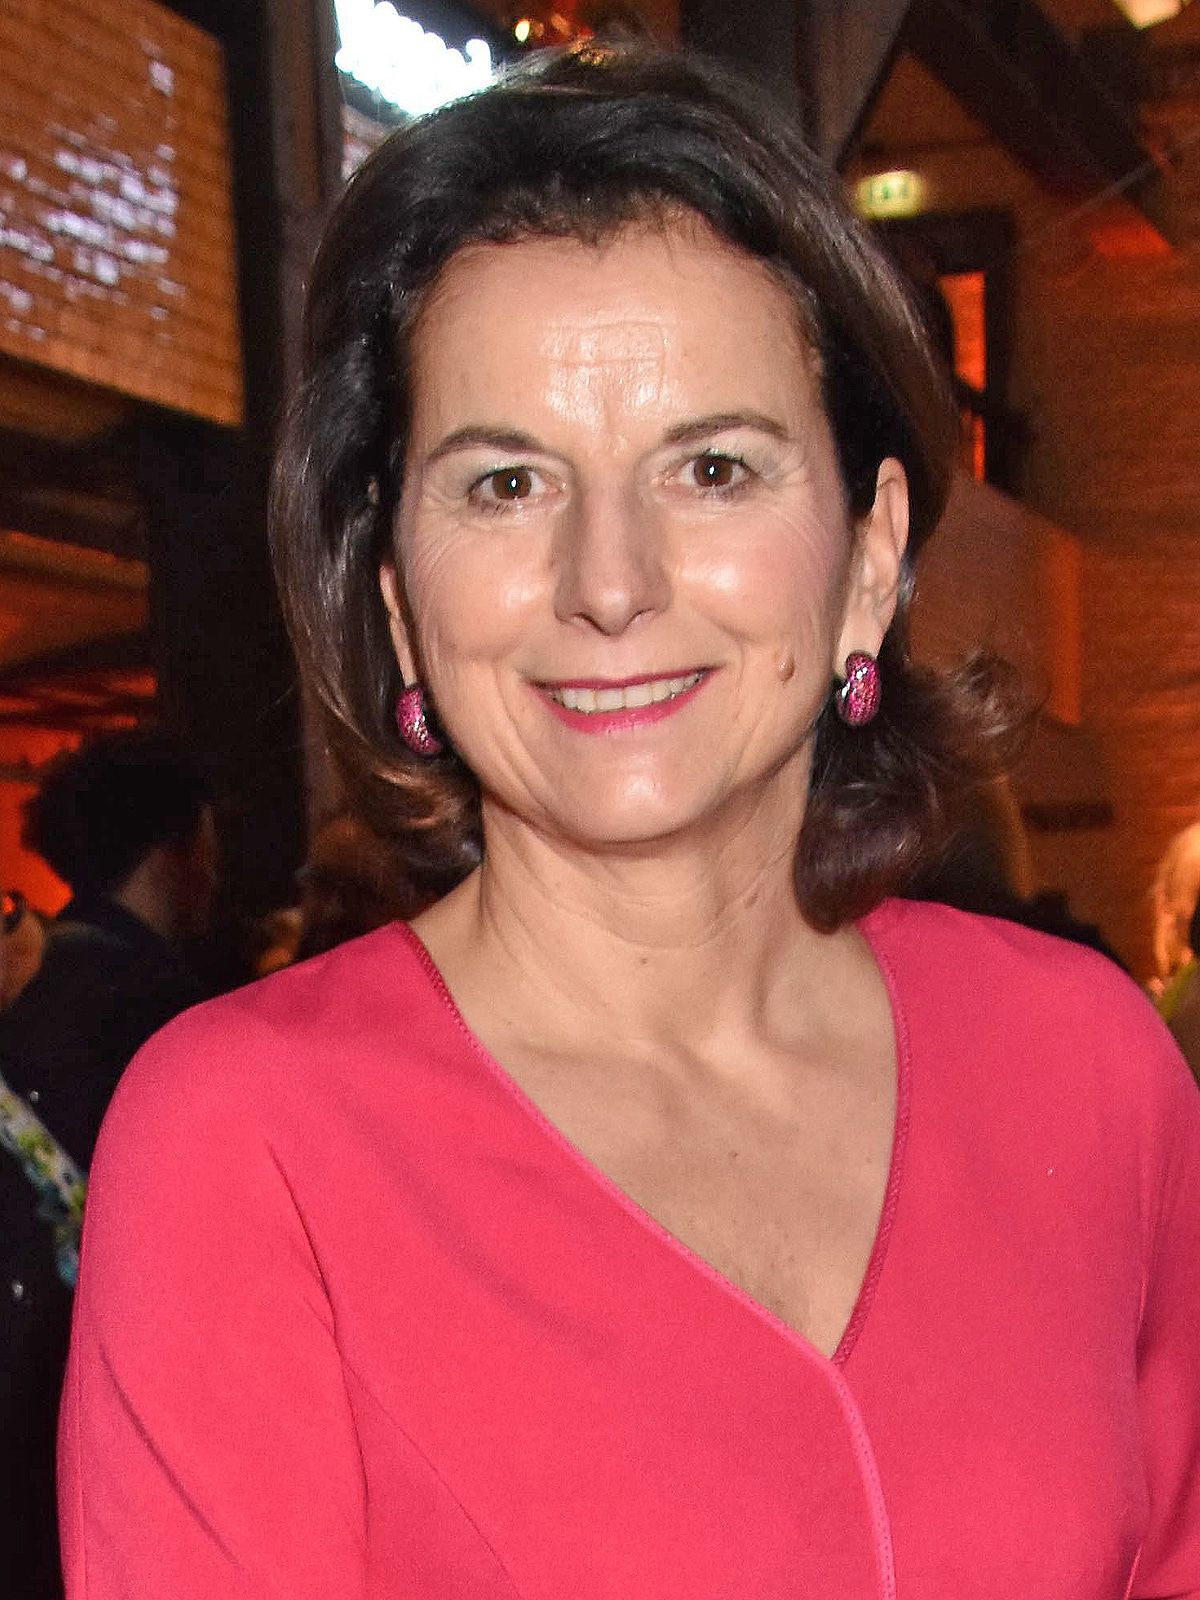 """Claudia Obert: """"Champagner gibt es auch nicht mehr, deswegen detoxe ich"""""""" class=""""size-full wp-image-522443"""